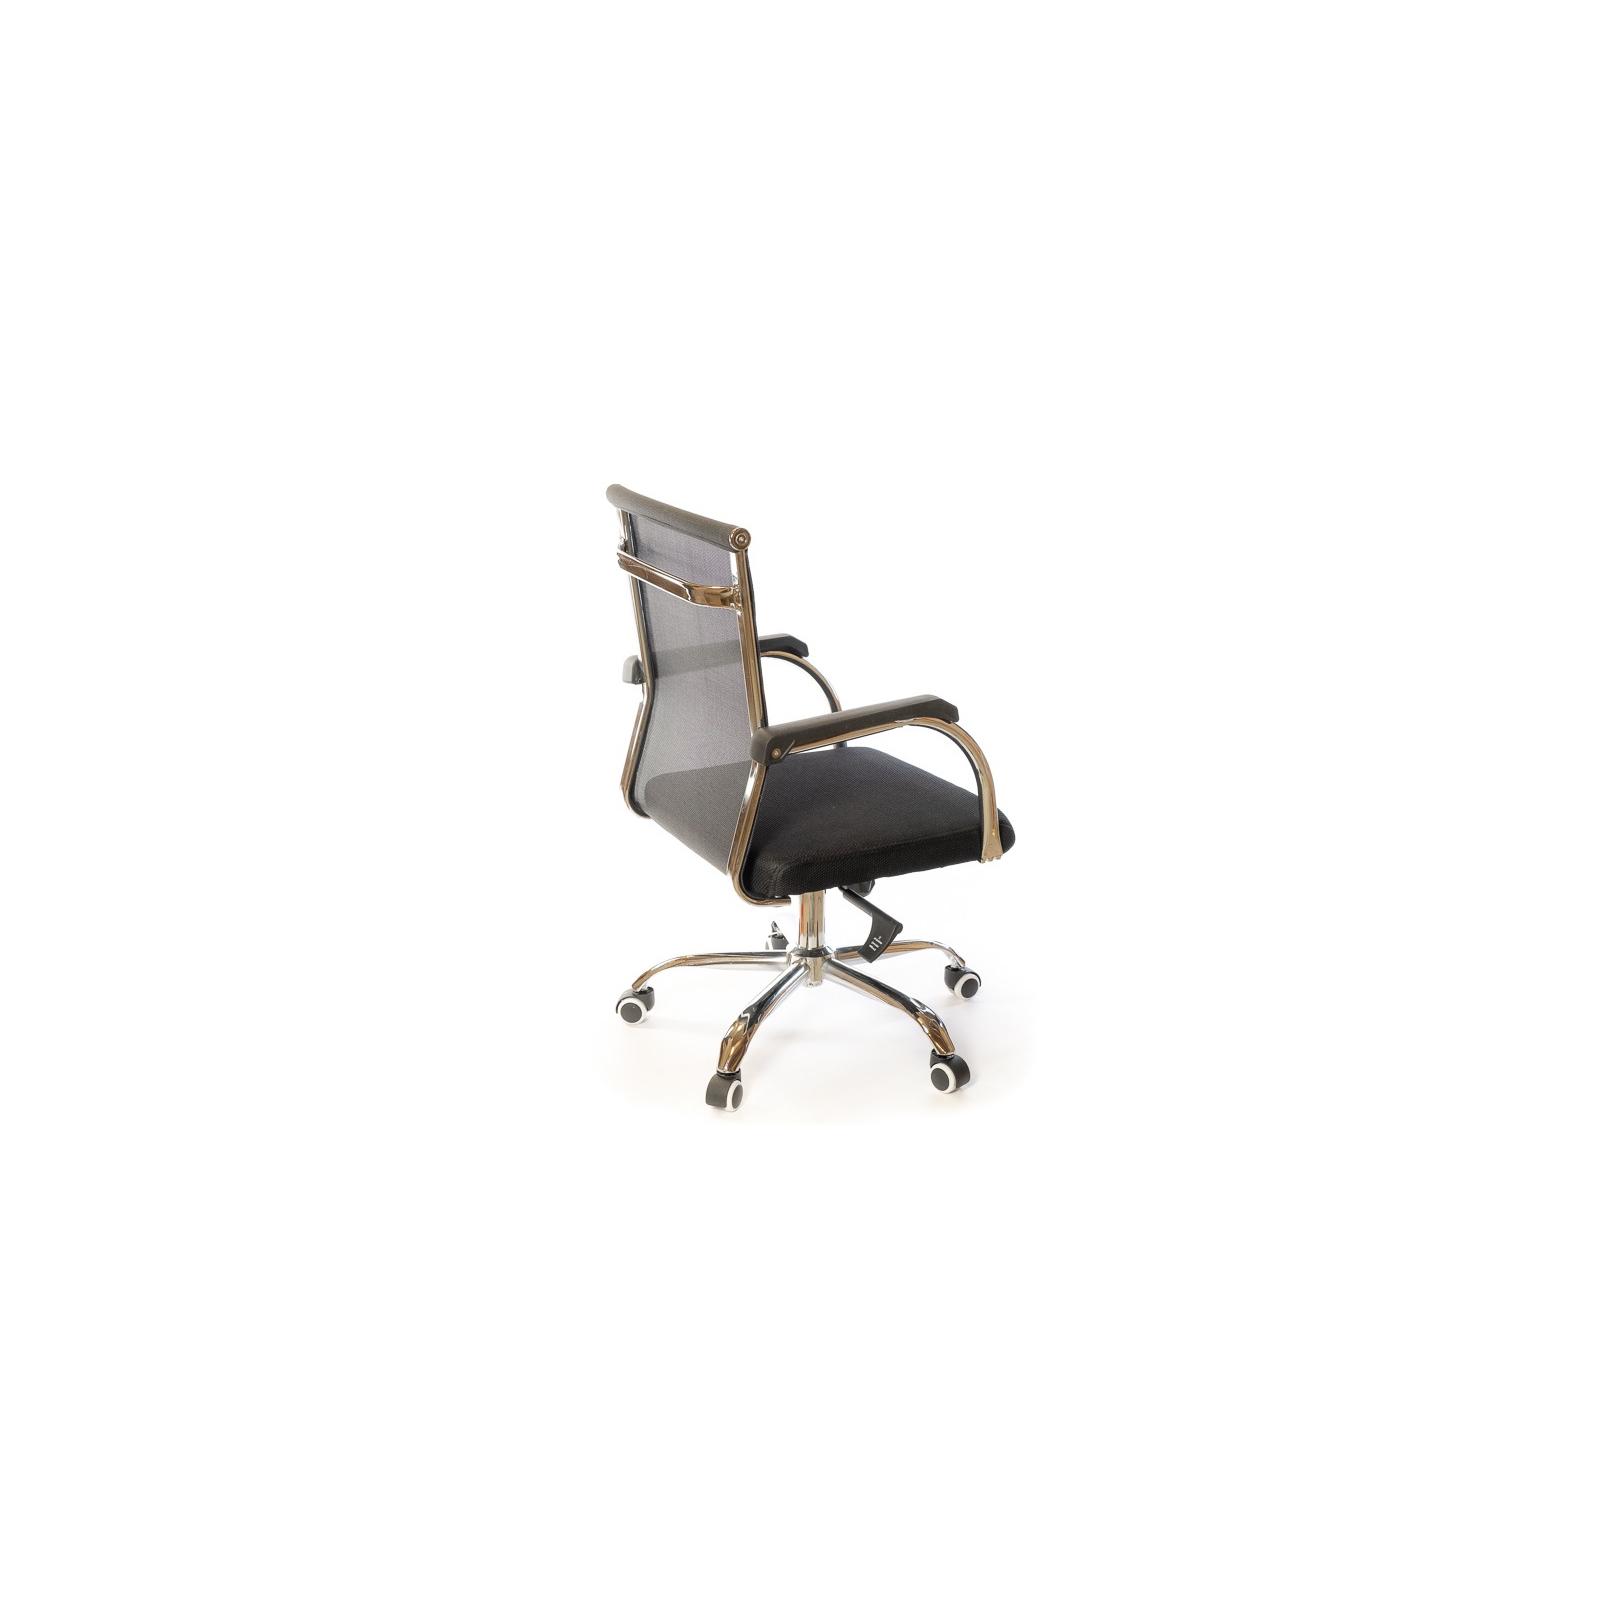 Офисное кресло Аклас Мираж FX CH TILT Черное (12742) изображение 4